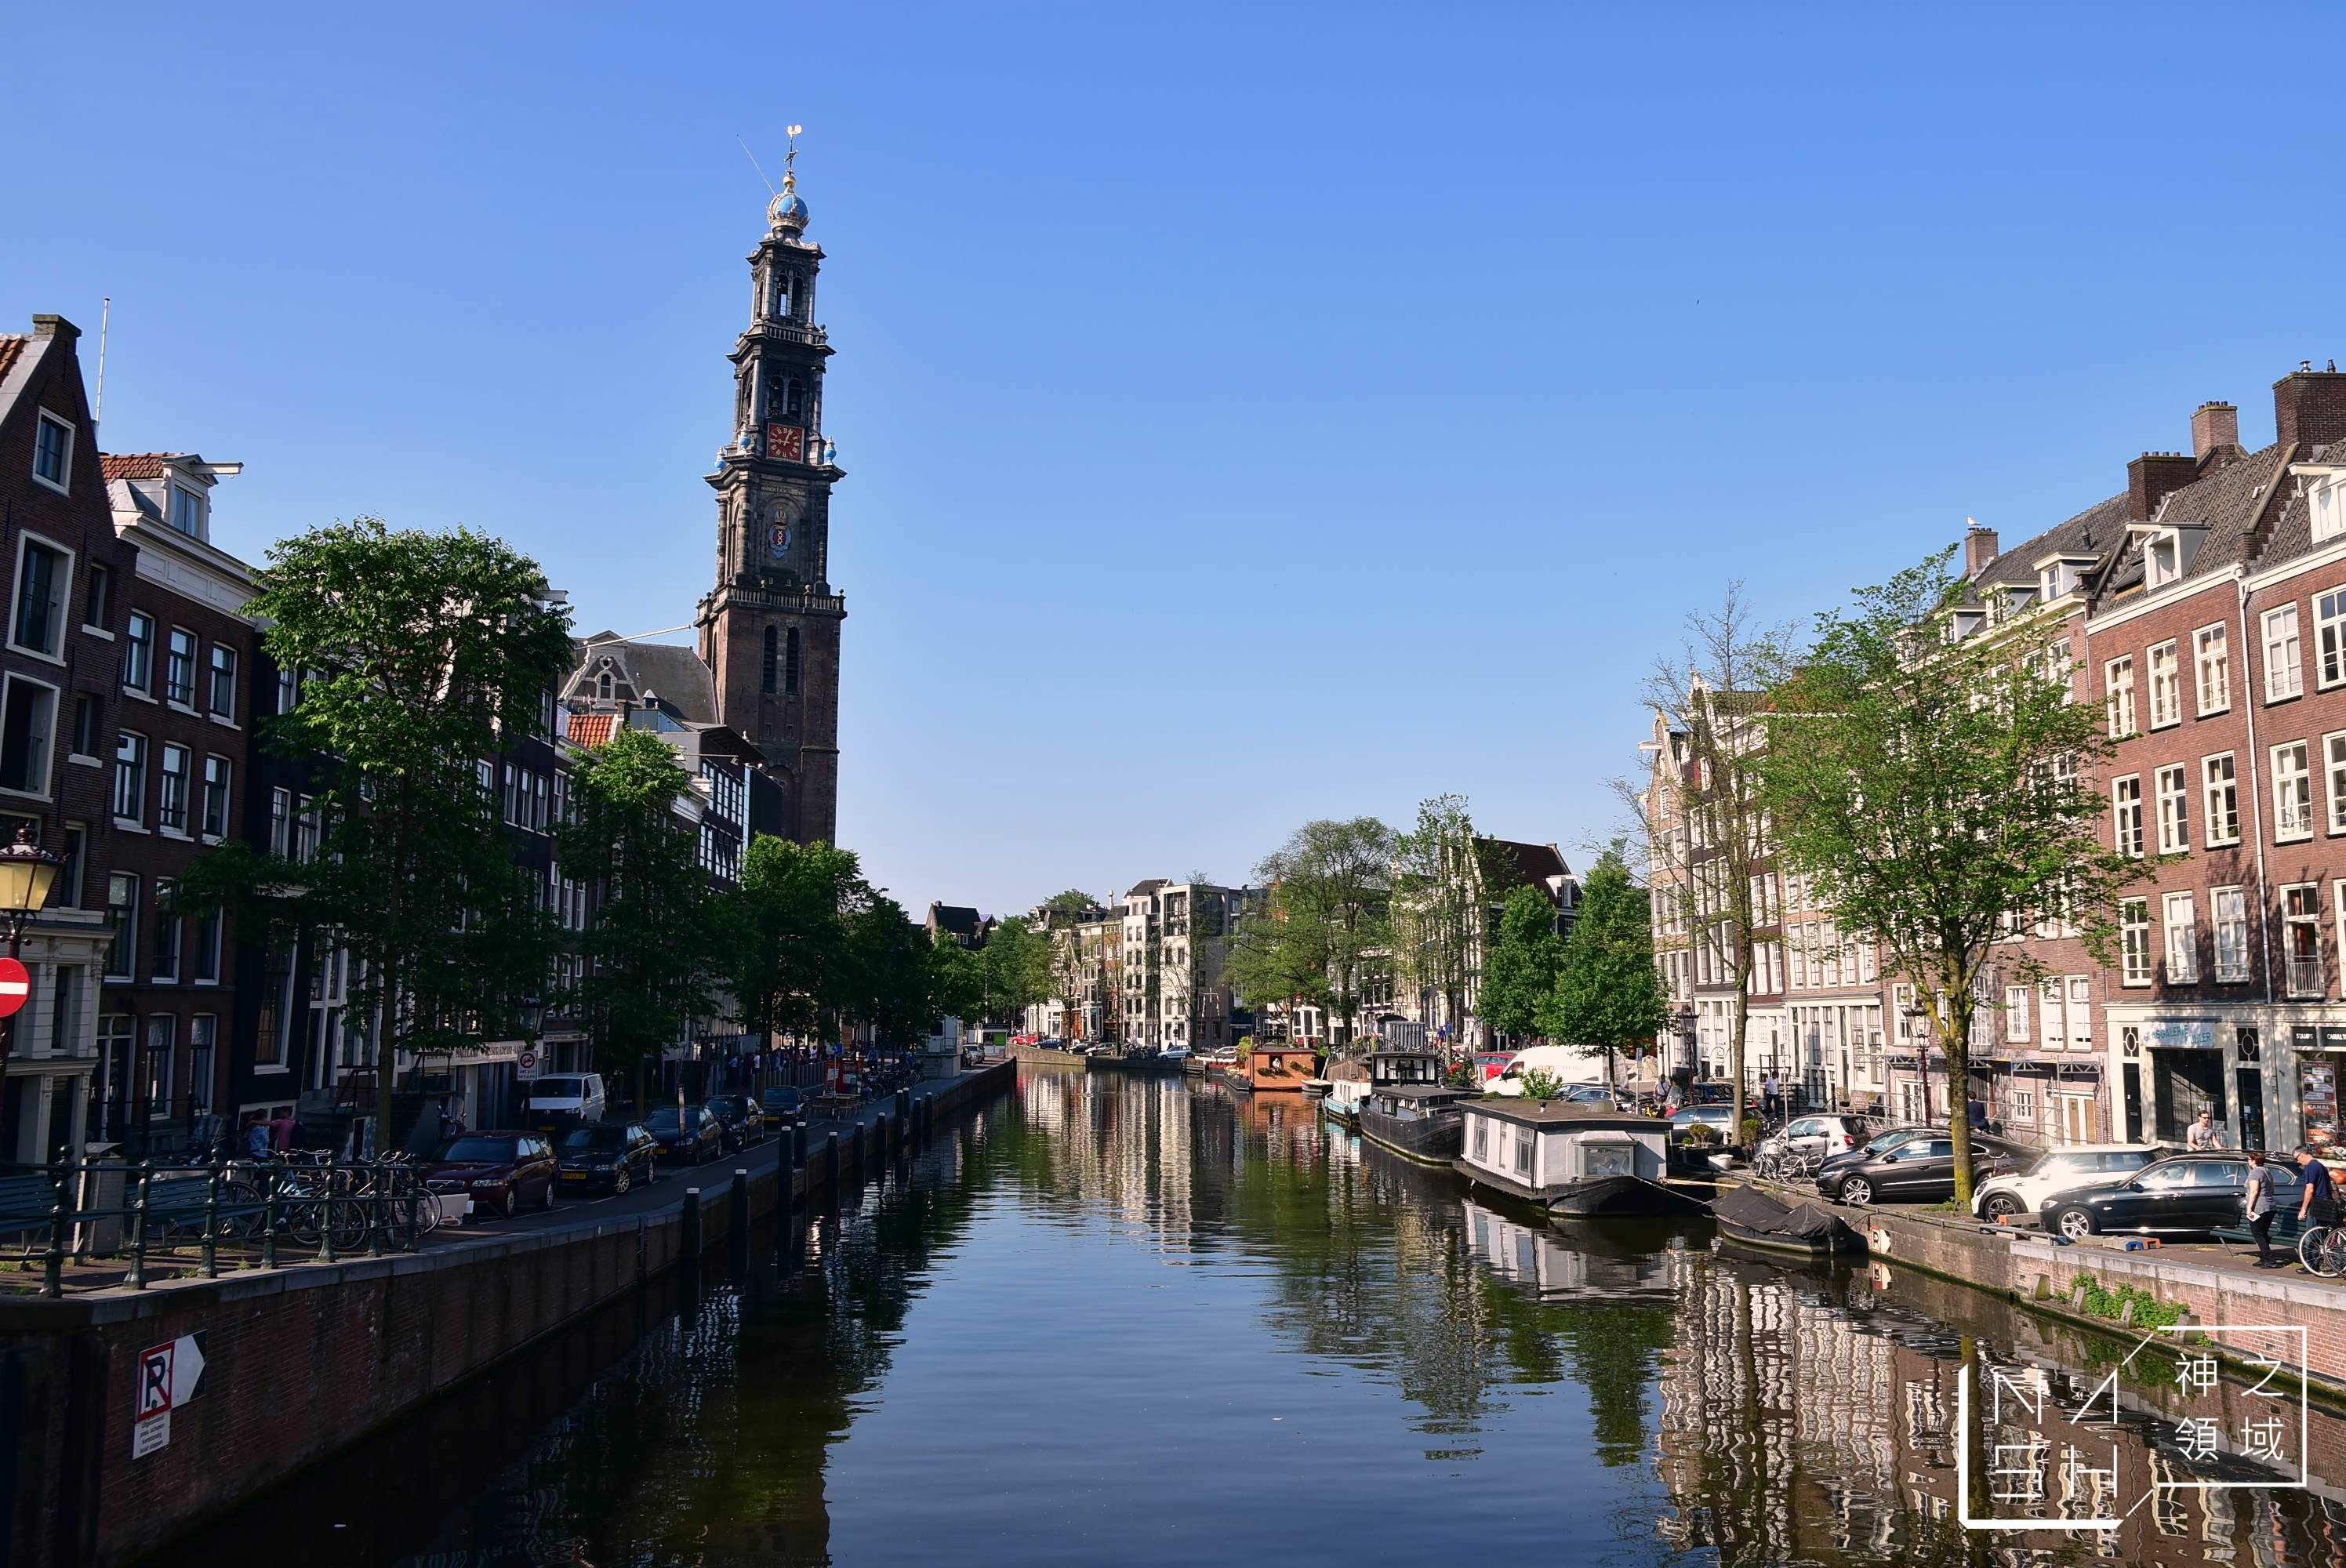 荷蘭國家博物館,RIJKS Museum,阿姆斯特丹交通,阿姆斯特丹景點,阿姆斯特丹一日遊 @Nash,神之領域